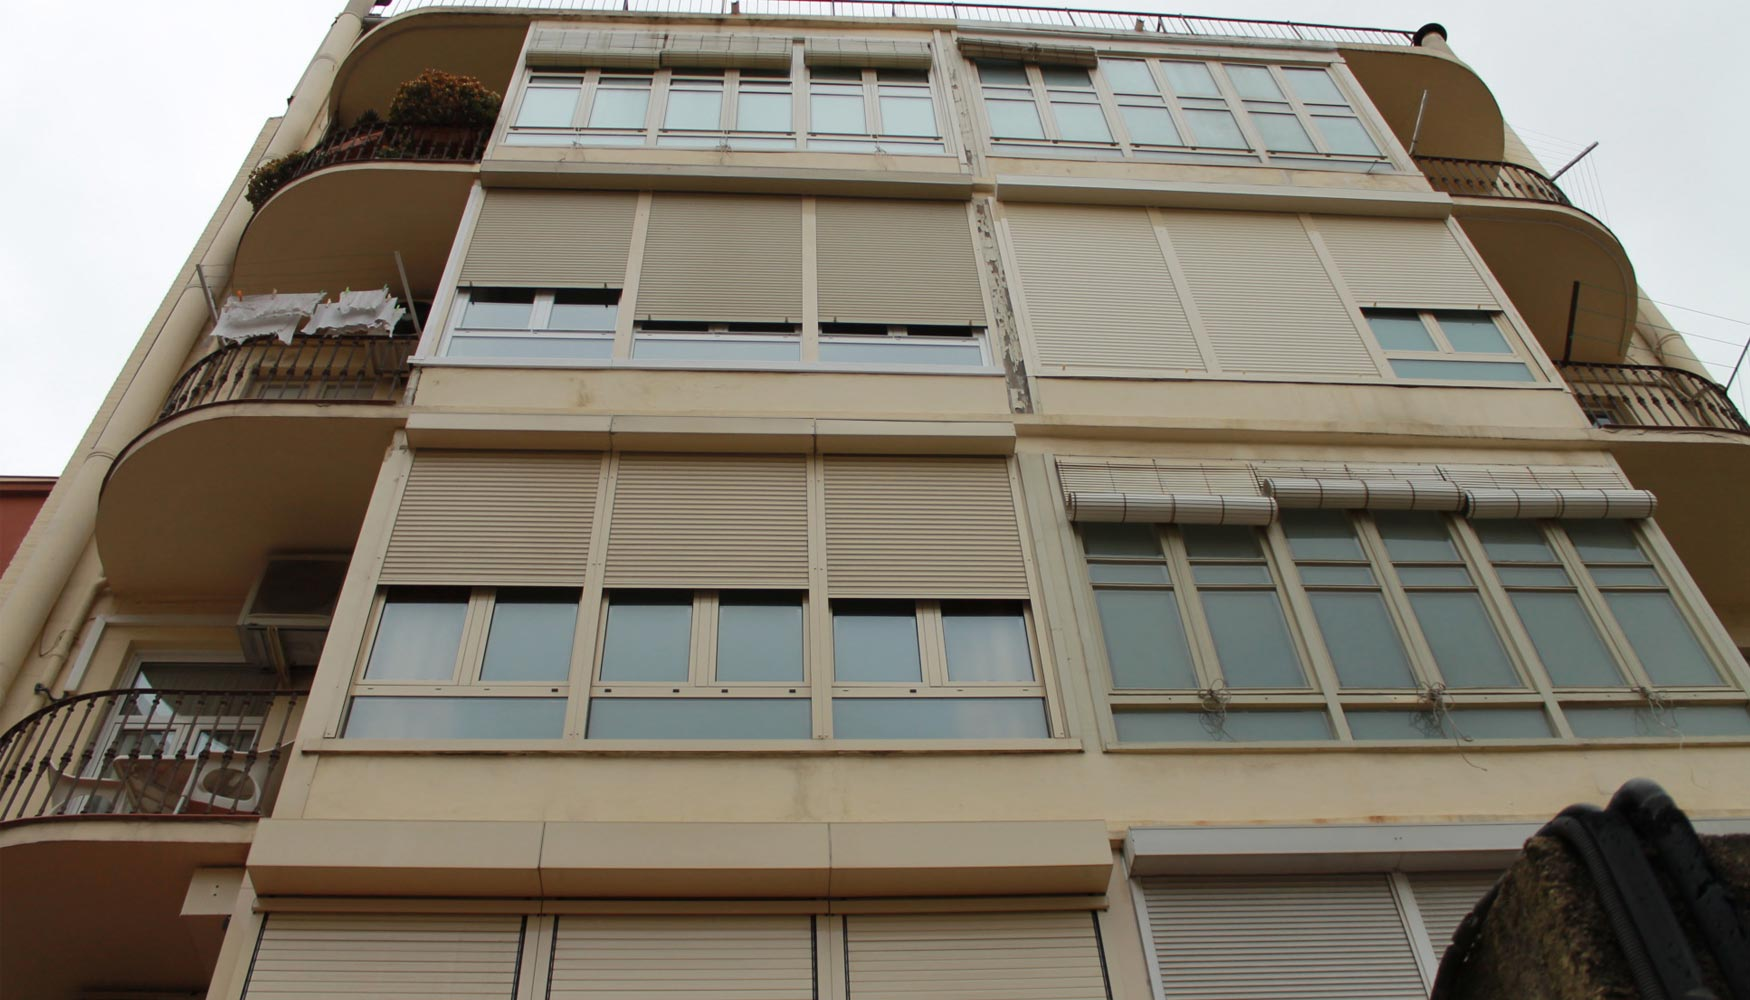 Propietarios de 300 viviendas de illa eficient escoger n - Colegio administradores barcelona ...